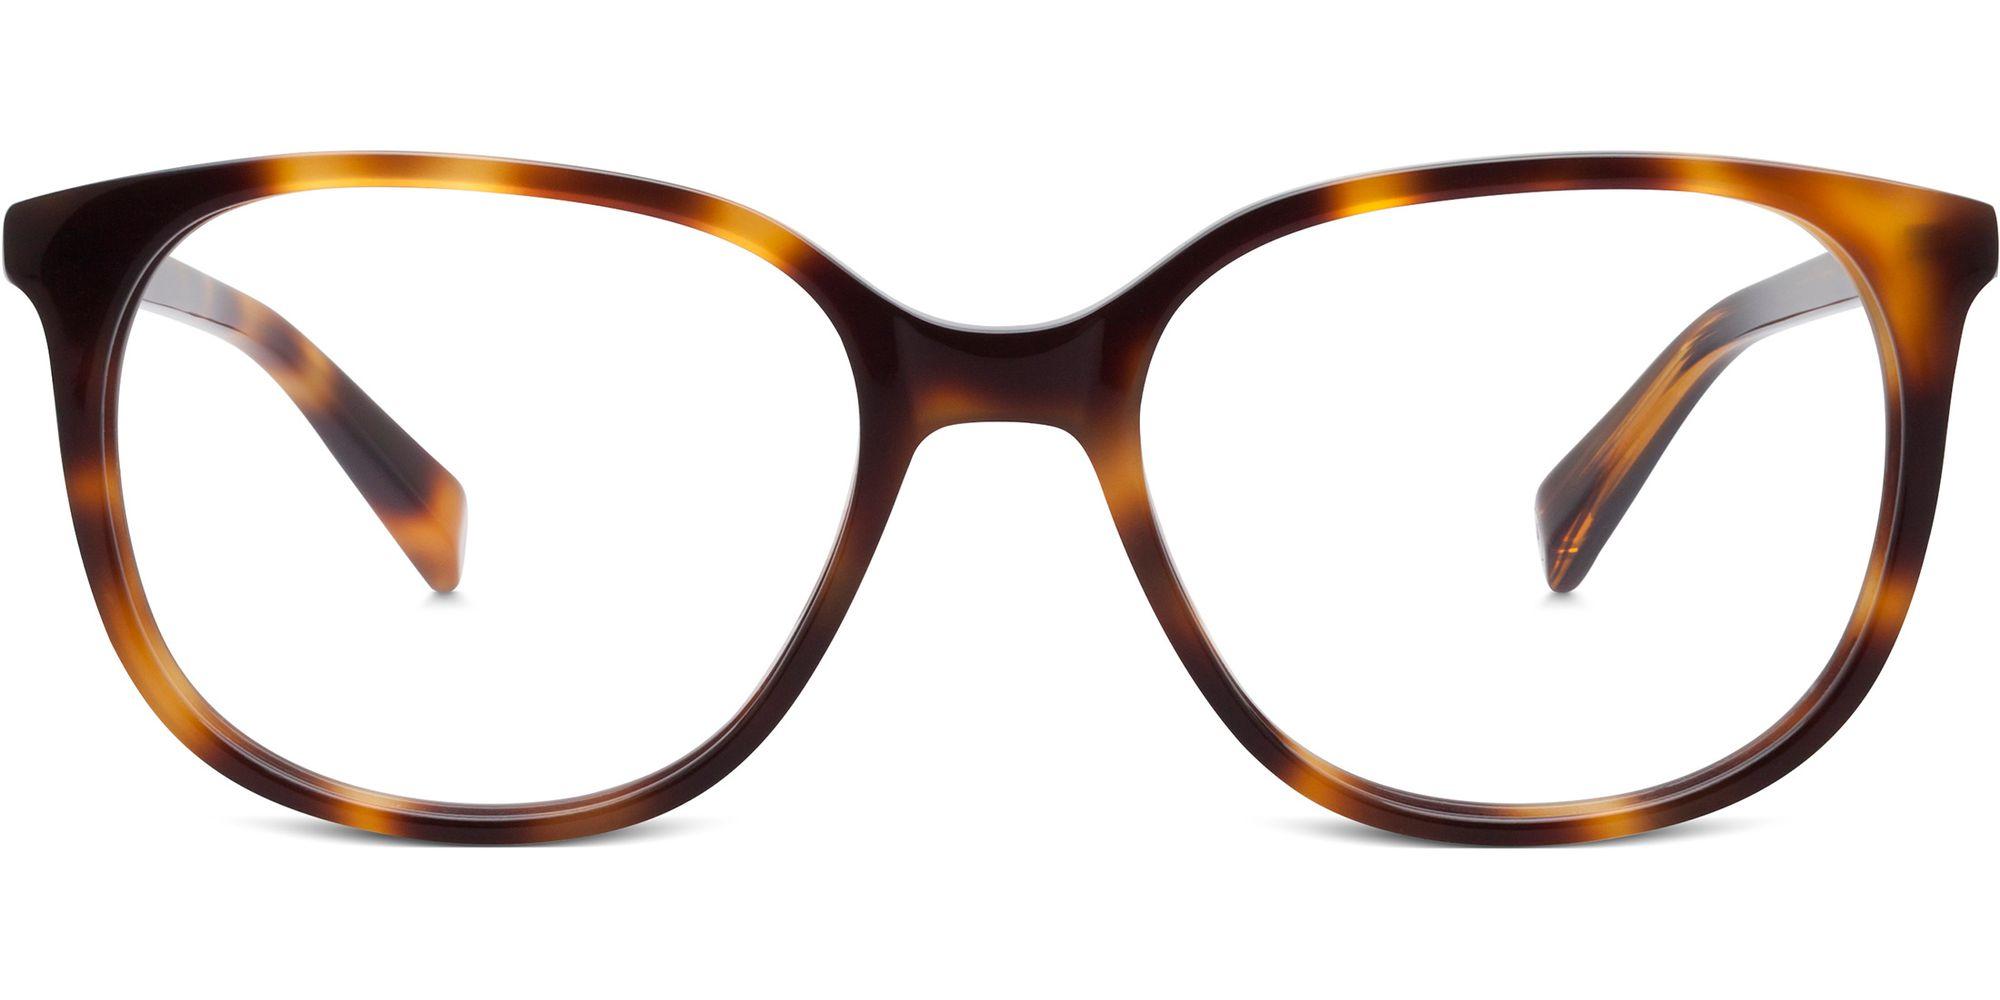 Warby Parker Laurel Eyeglasses in Oak Barrel for Women